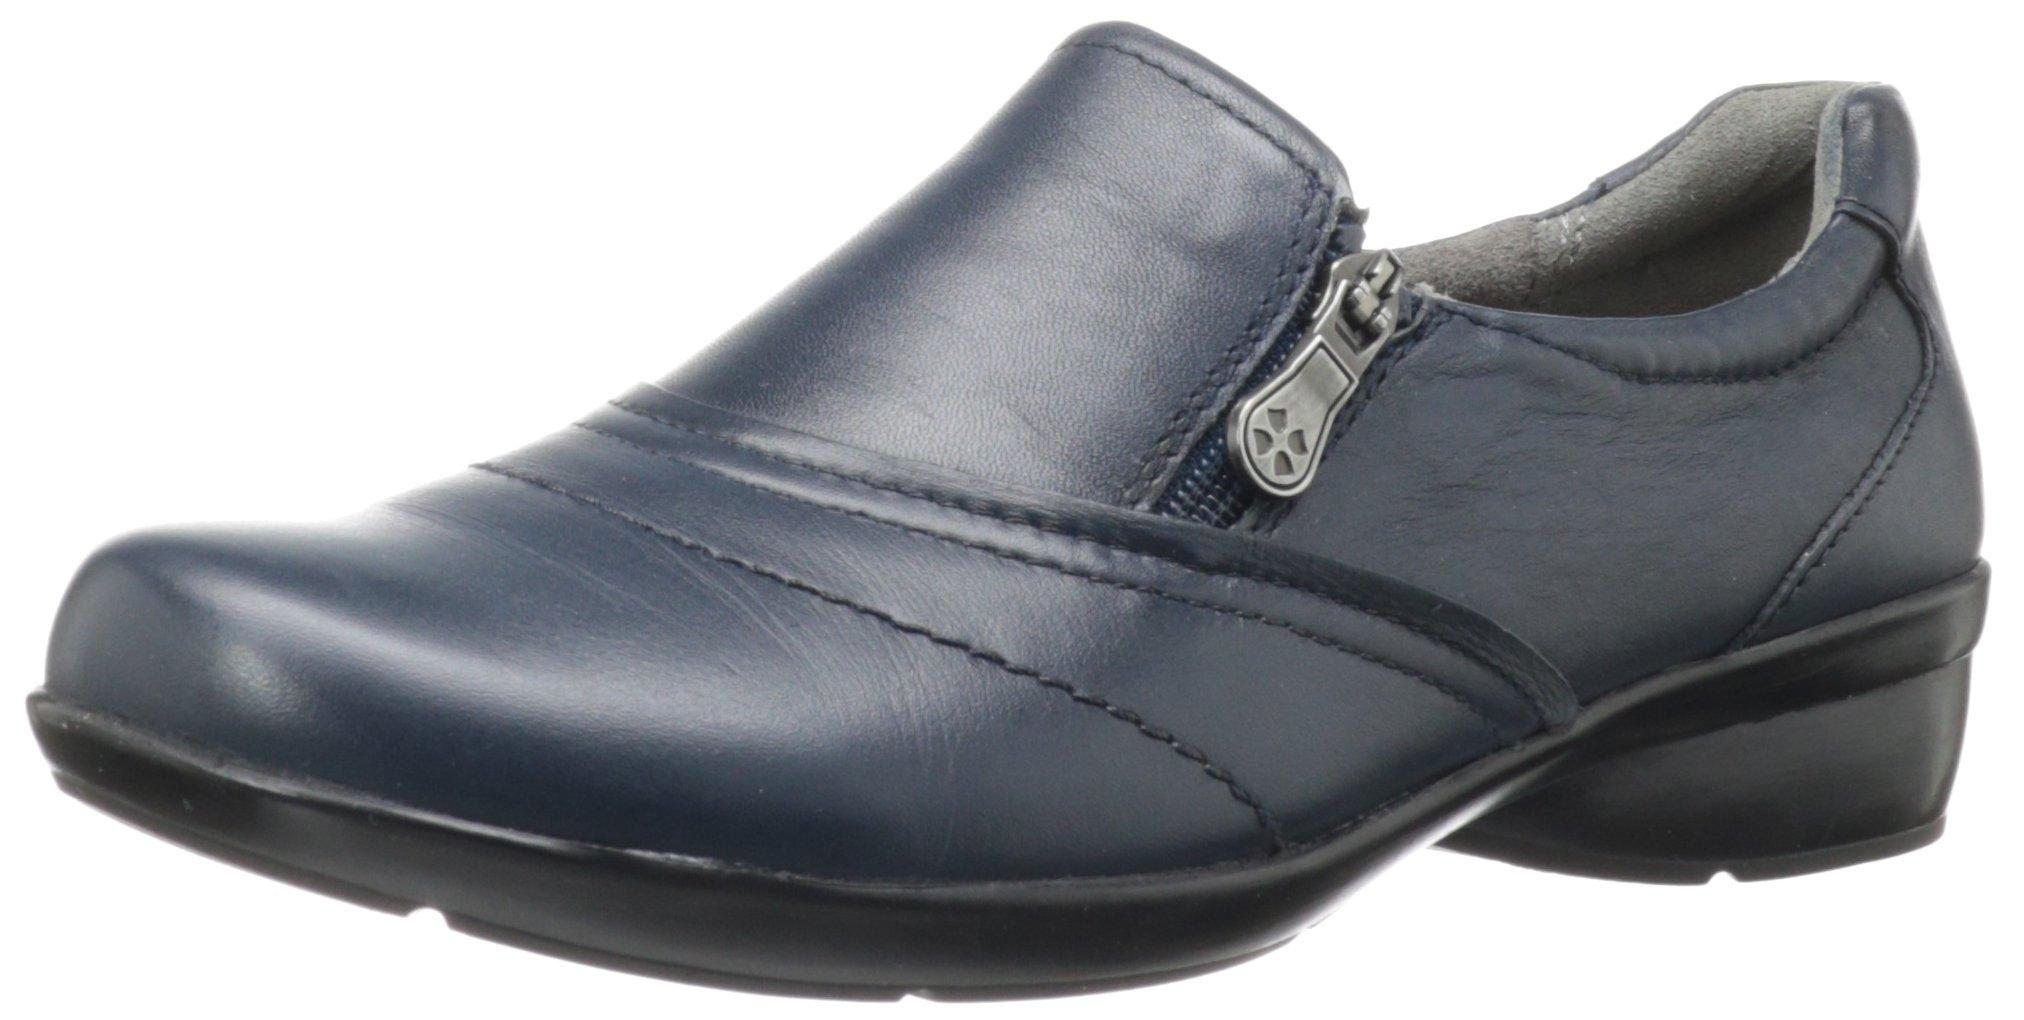 Naturalizer Women's Clarissa Slip-on Shoe,Navy,9.5 W US